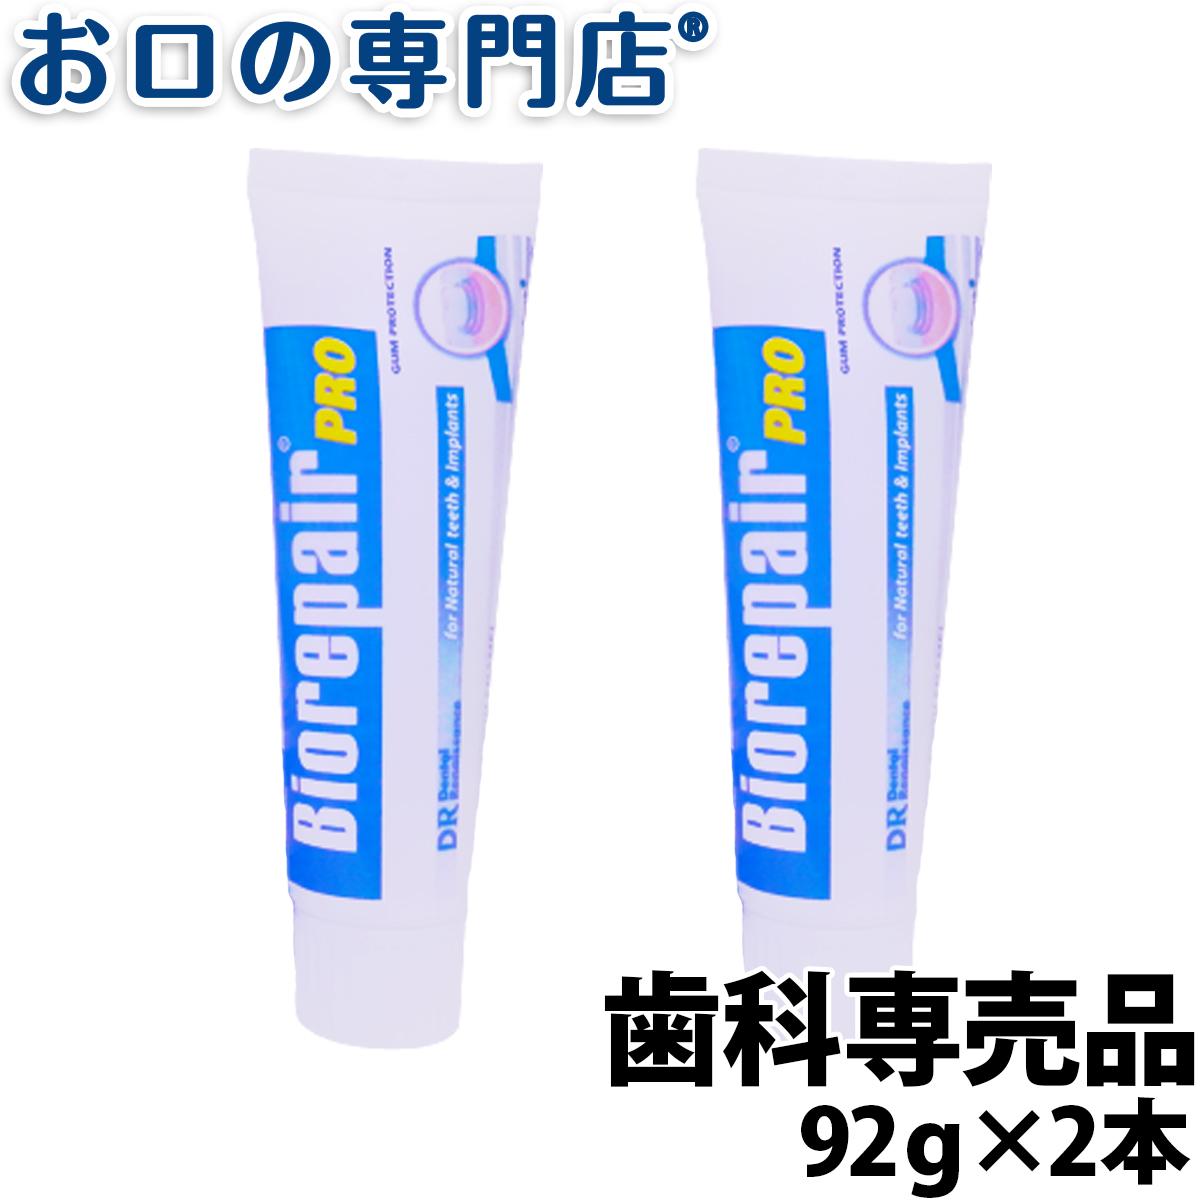 マイクロリペアが歯を修復しつるつるの状態に ホワイトニング歯磨き剤 クーポンあり 再入荷 予約販売 送料無料 市場 歯科専売品 ×2本 92g バイオリペアPRO ホワイトニング